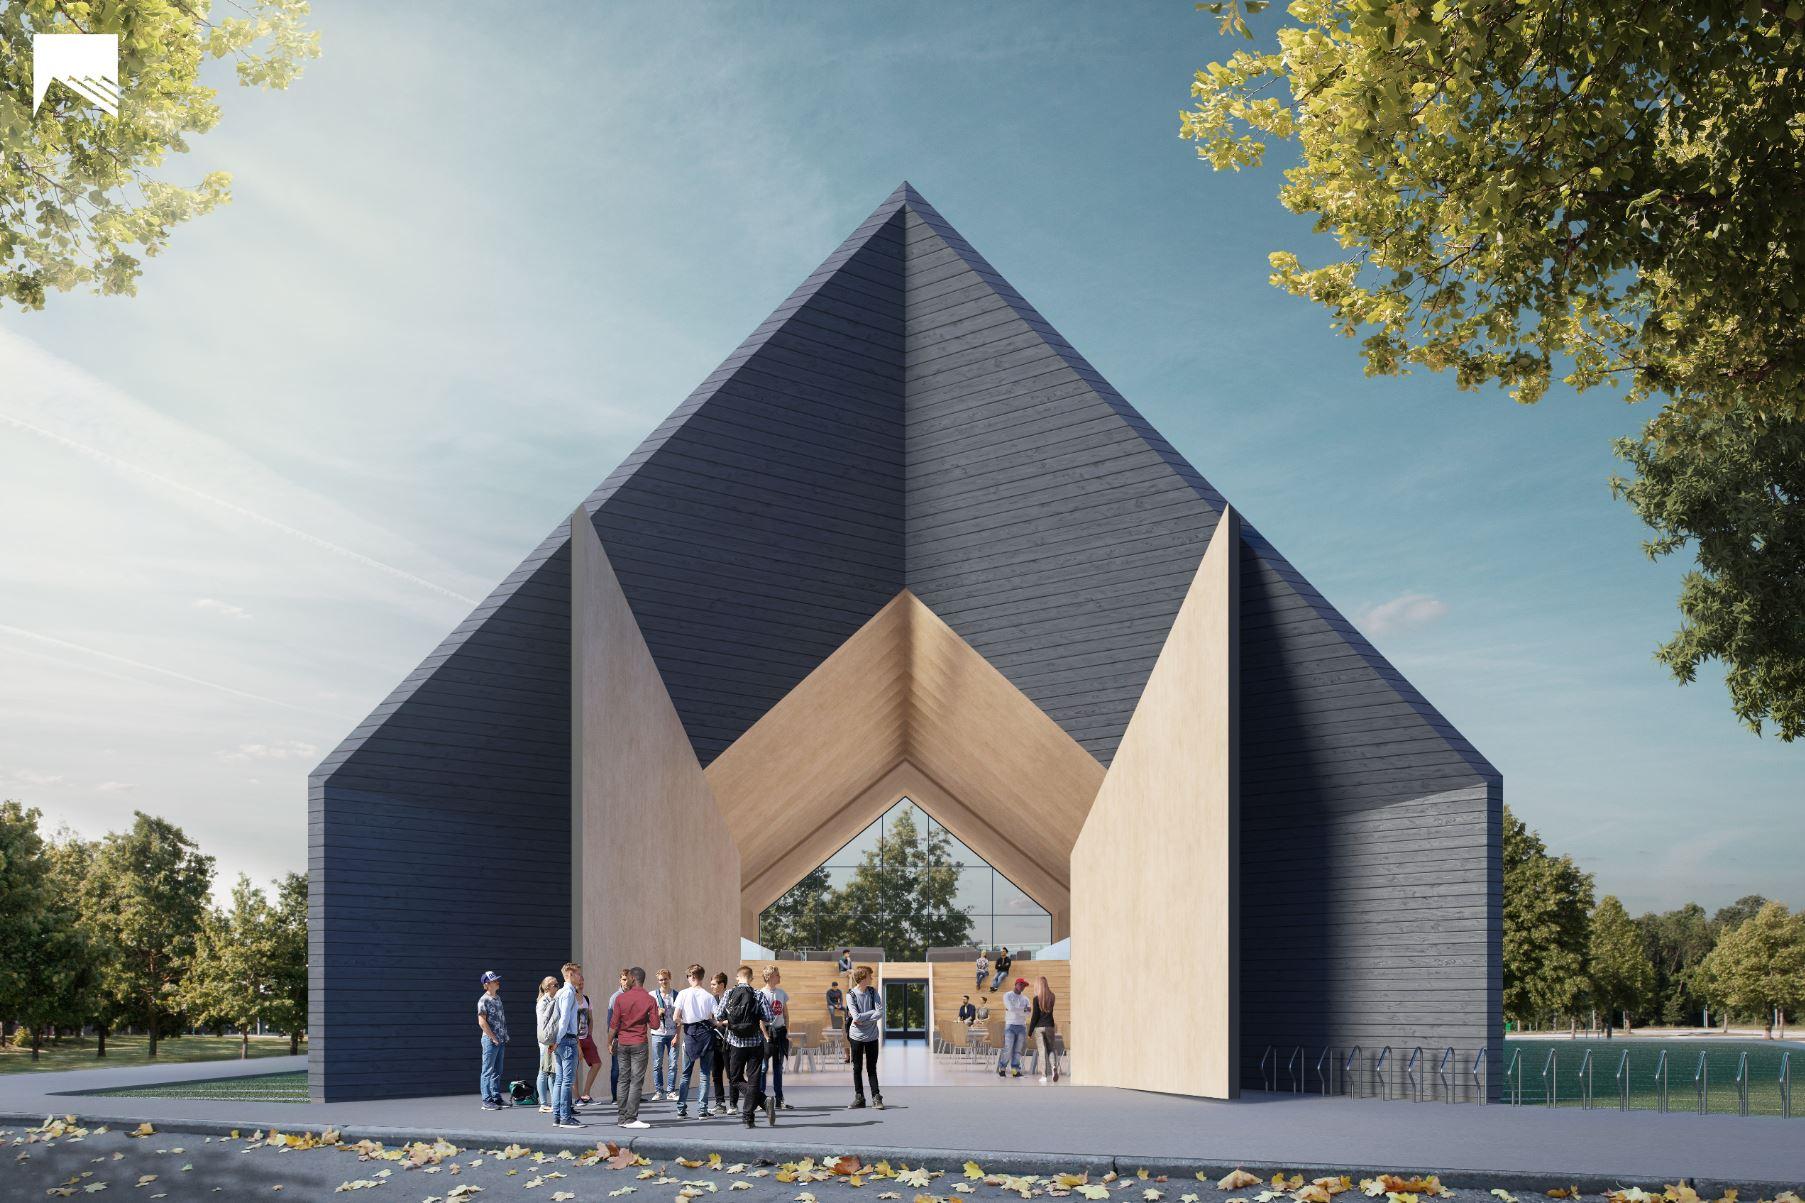 01_MIT_Mass_Timber_Design_Longhouse_Exterior_01.JPG